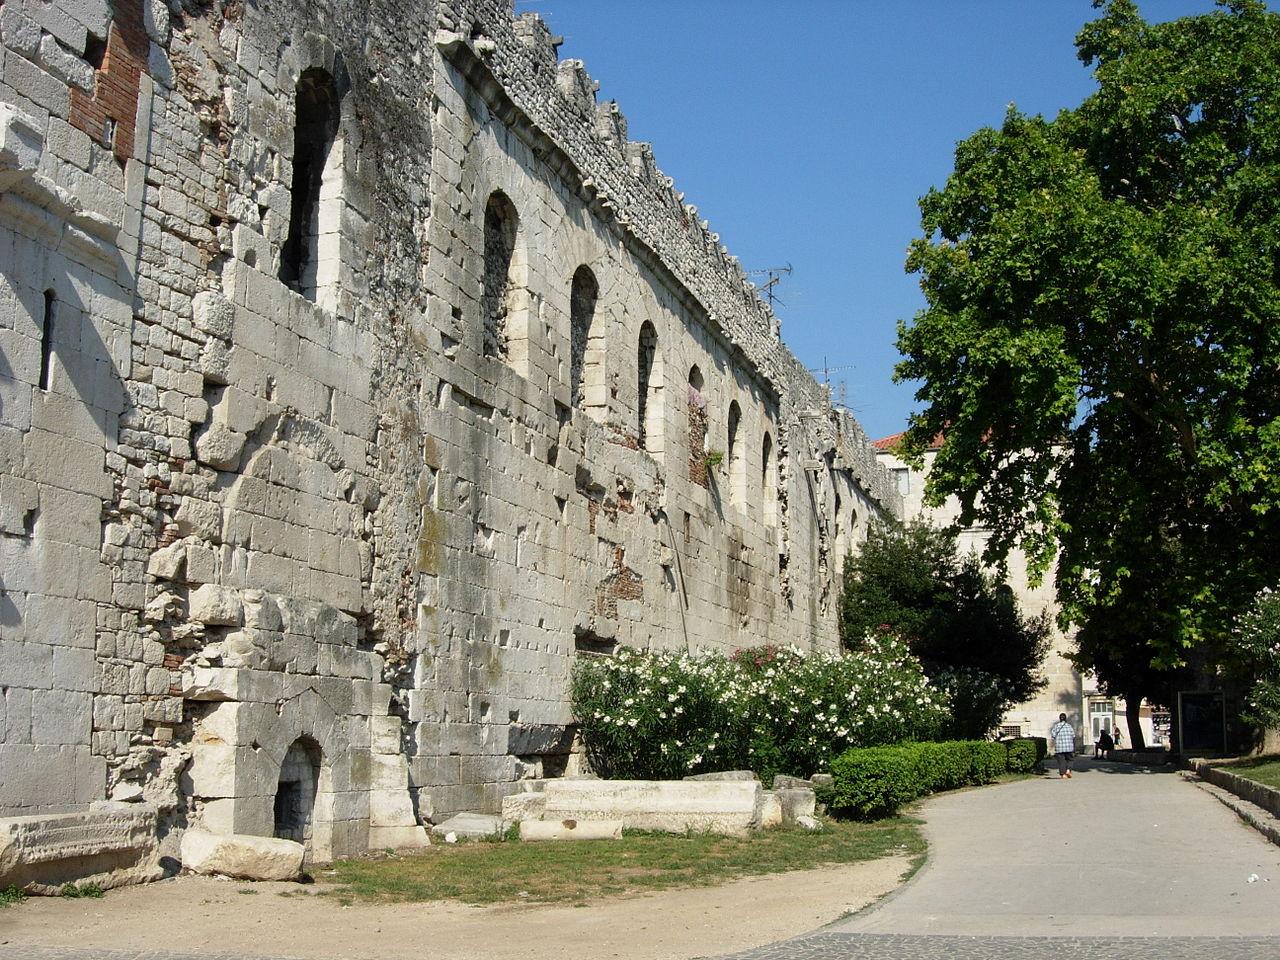 Complexul istoric si palatul imparatului Diocletian11